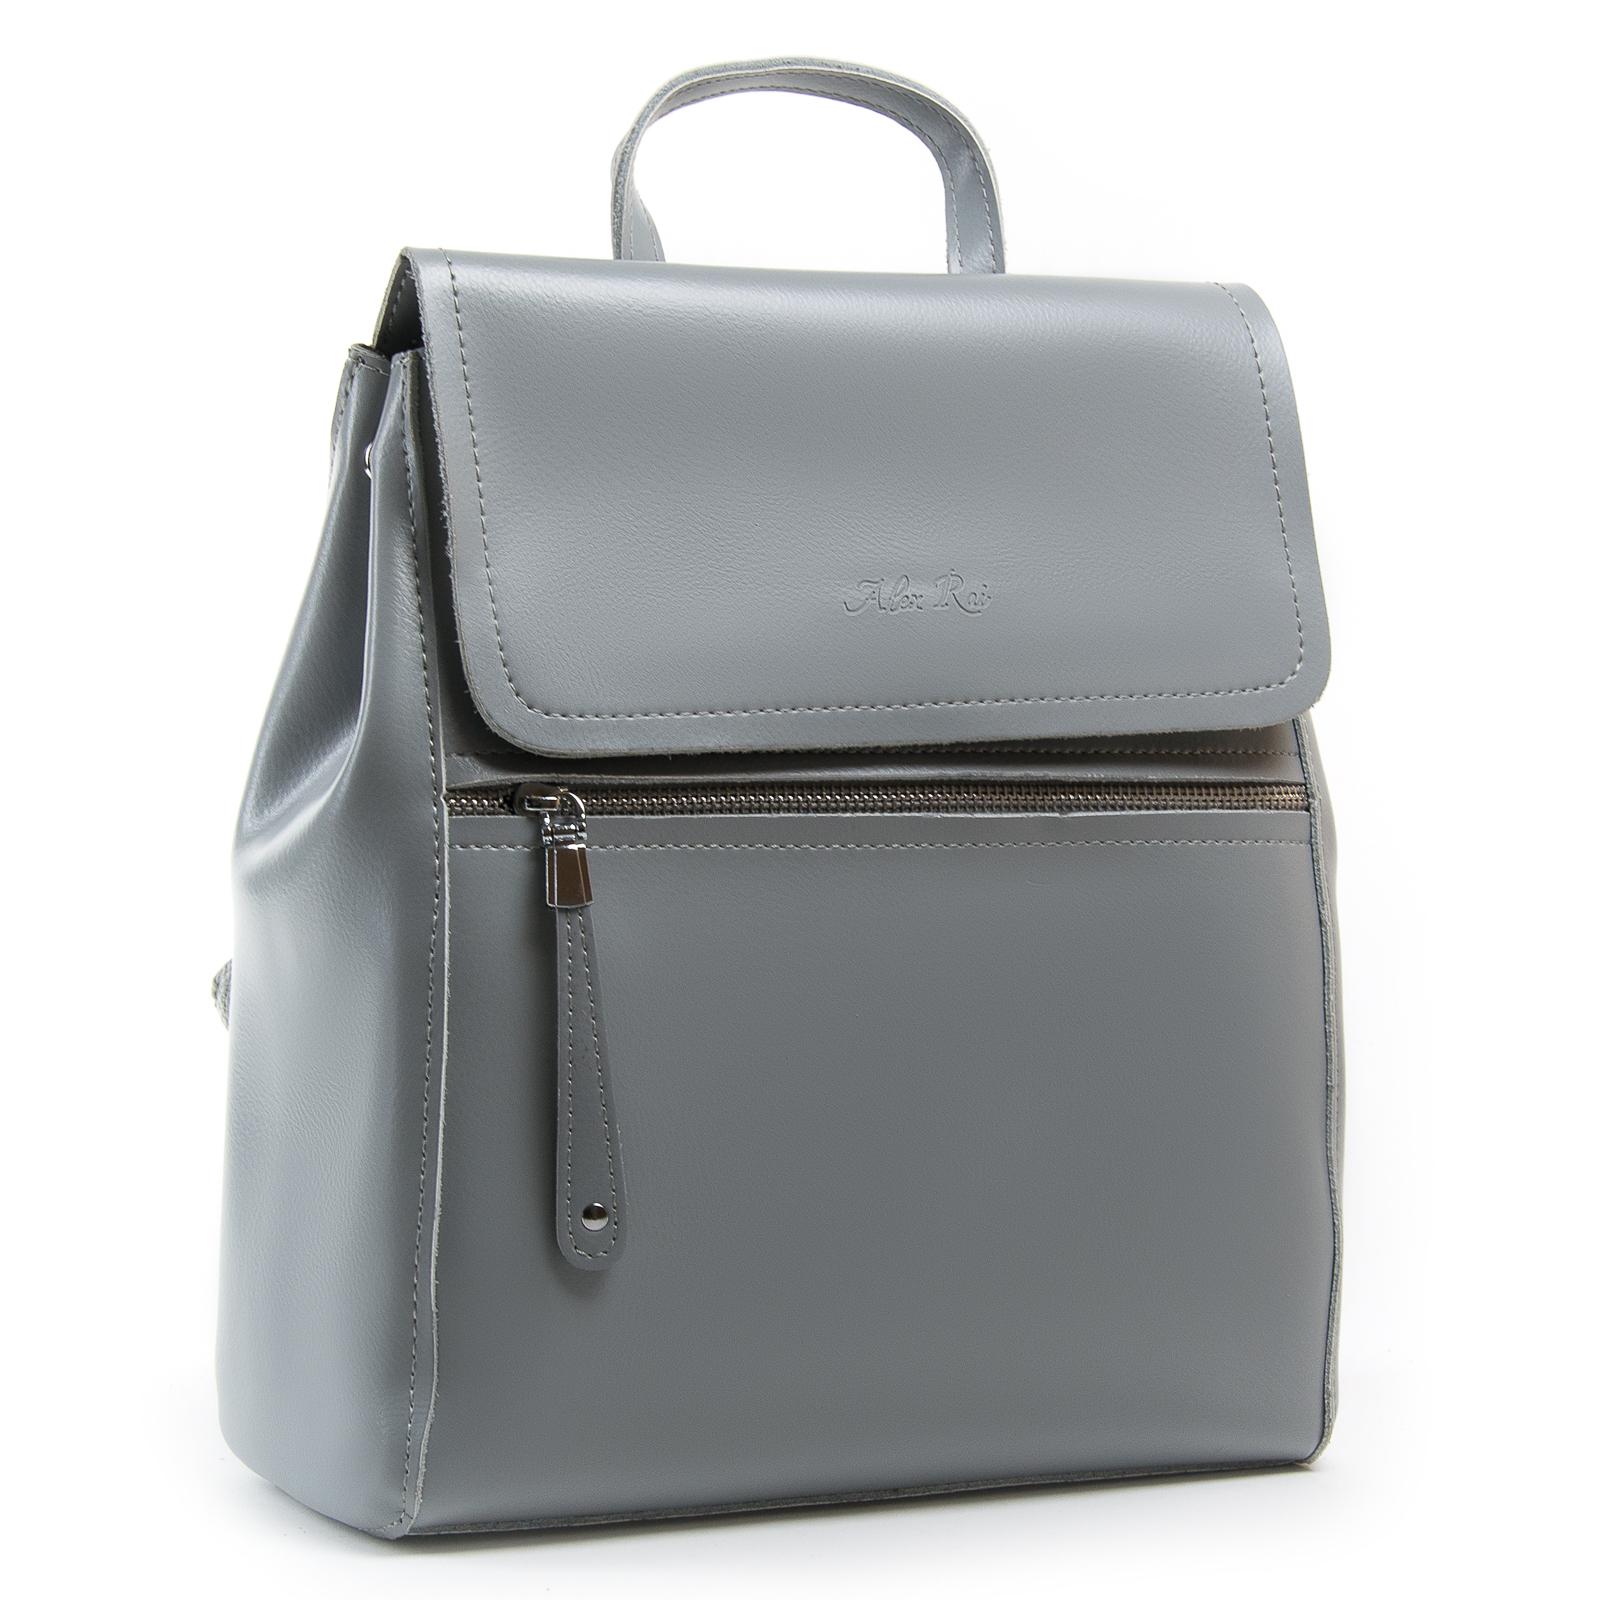 Сумка Женская Рюкзак кожа ALEX RAI 1005 l-grey